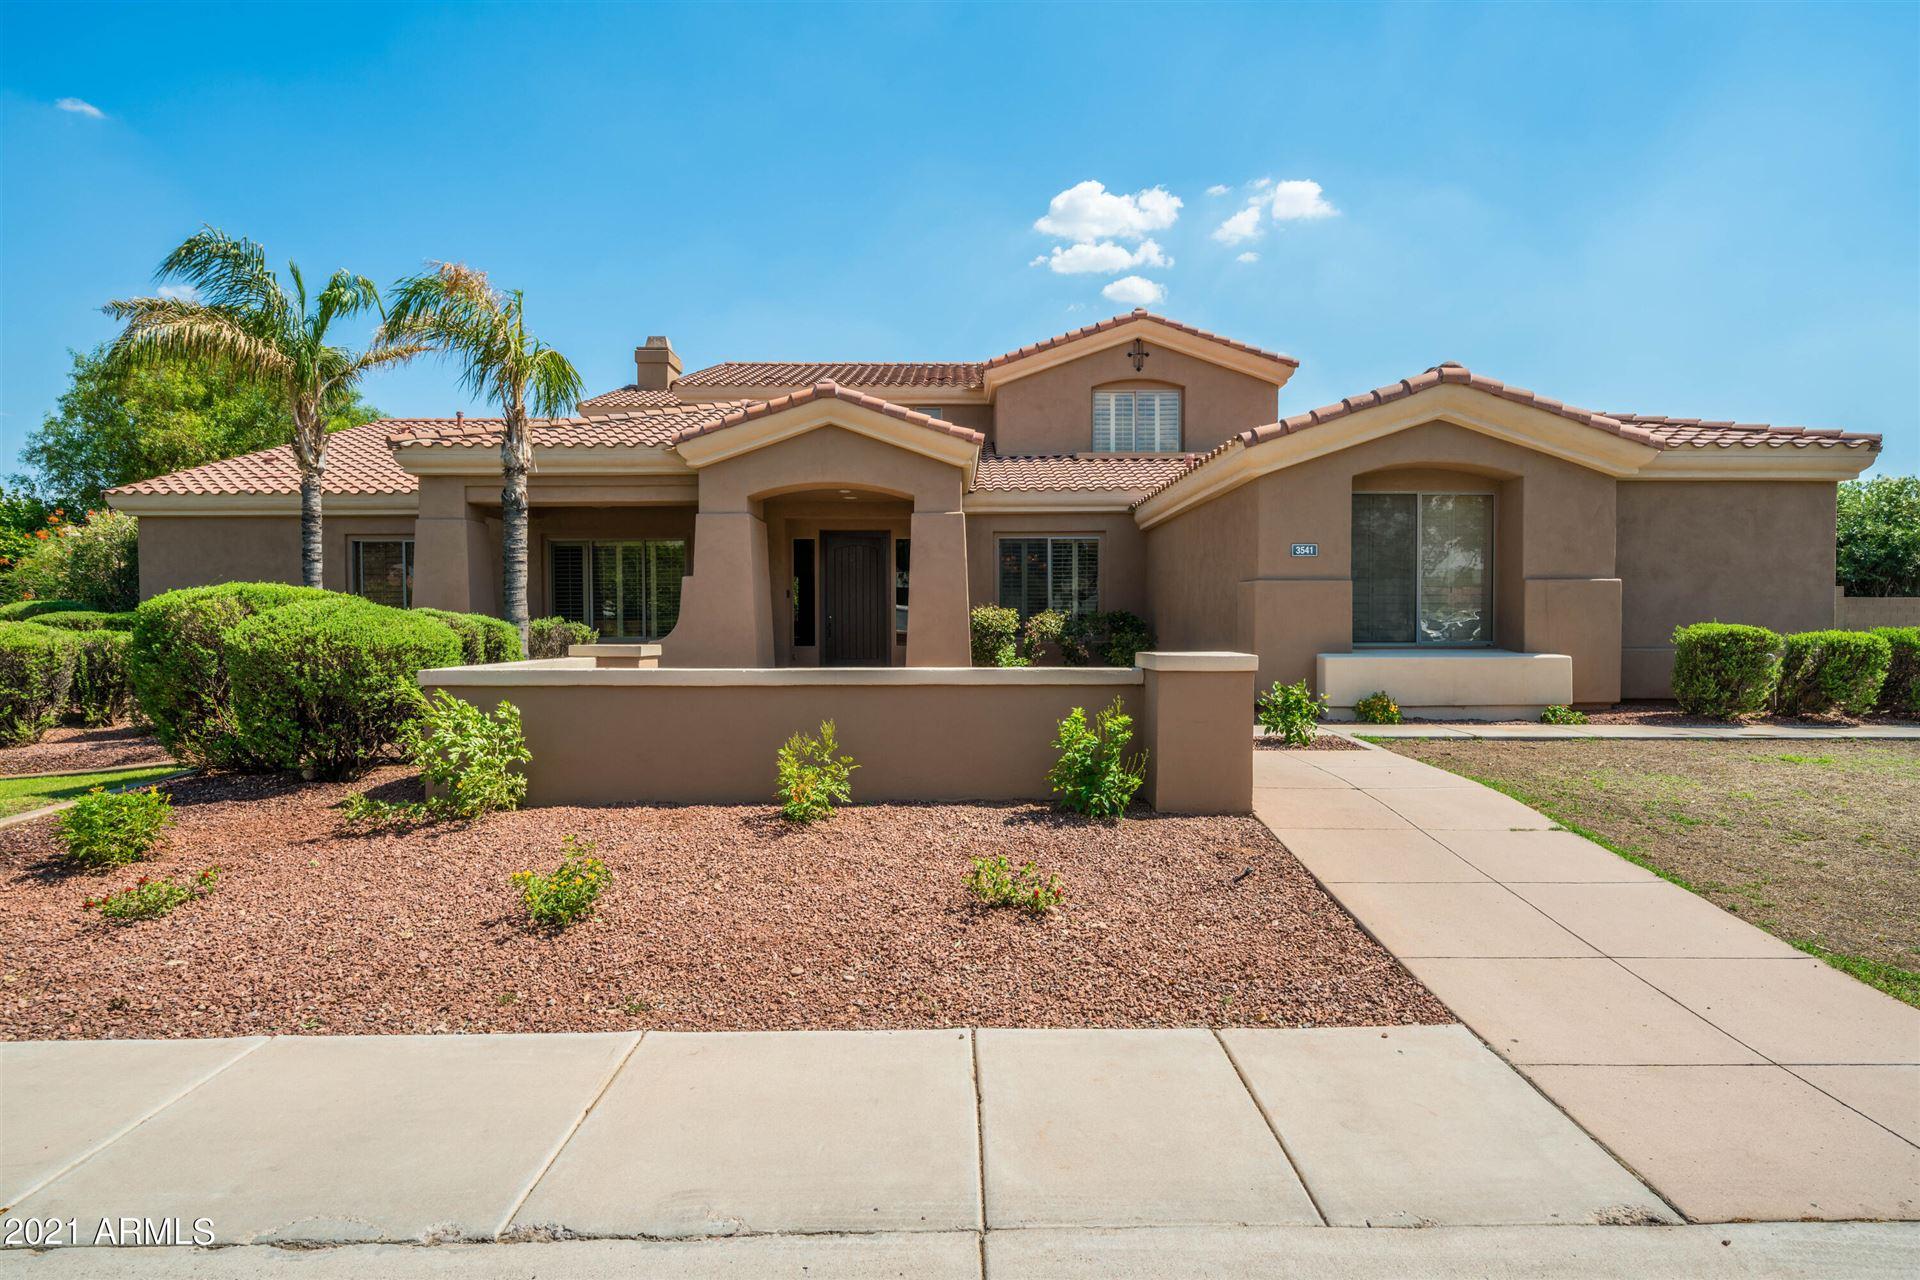 3541 E MINTON Street, Mesa, AZ 85213 - MLS#: 6279087